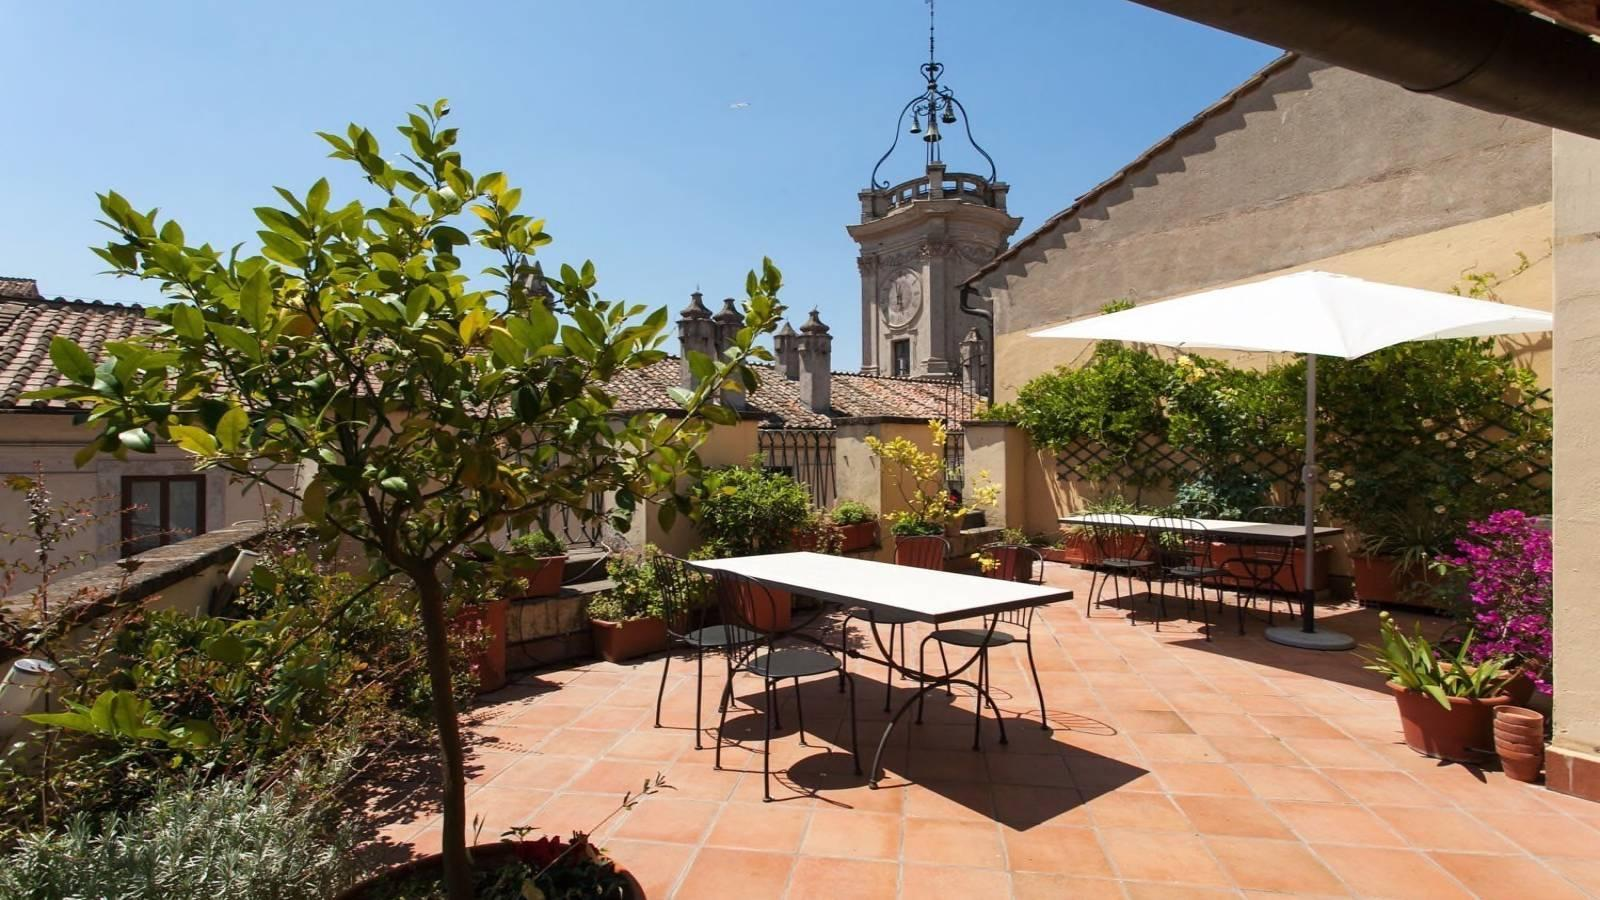 Un jardín de una casa  Descripción generada automáticamente con confianza media